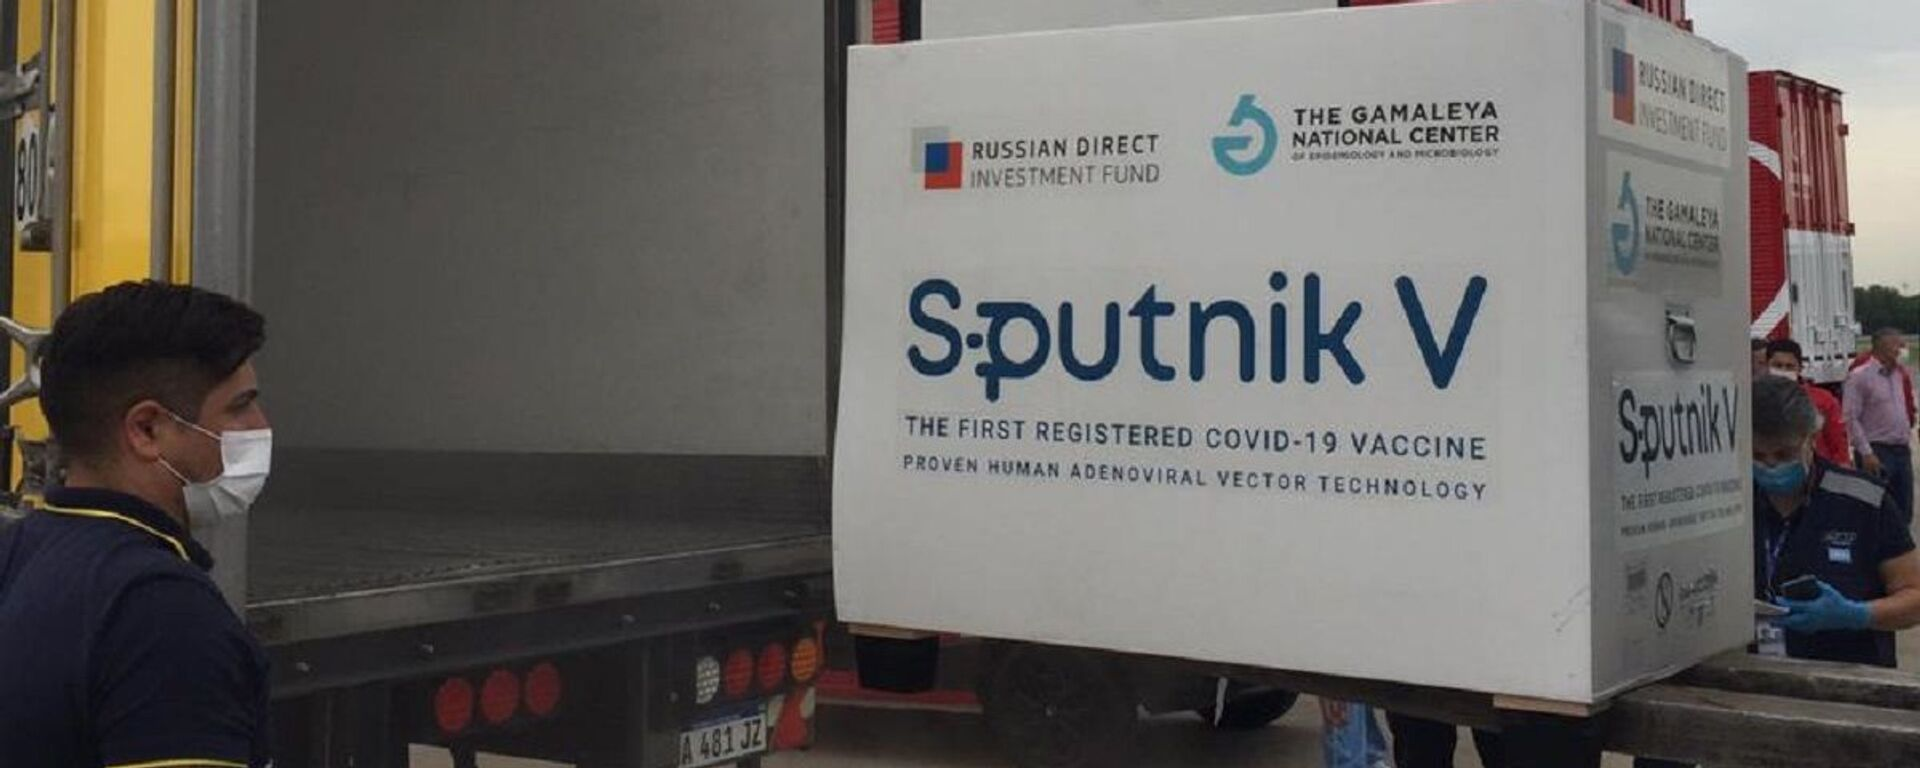 El avión con la vacuna rusa Sputnik V llega a Argentina - Sputnik Mundo, 1920, 12.07.2021